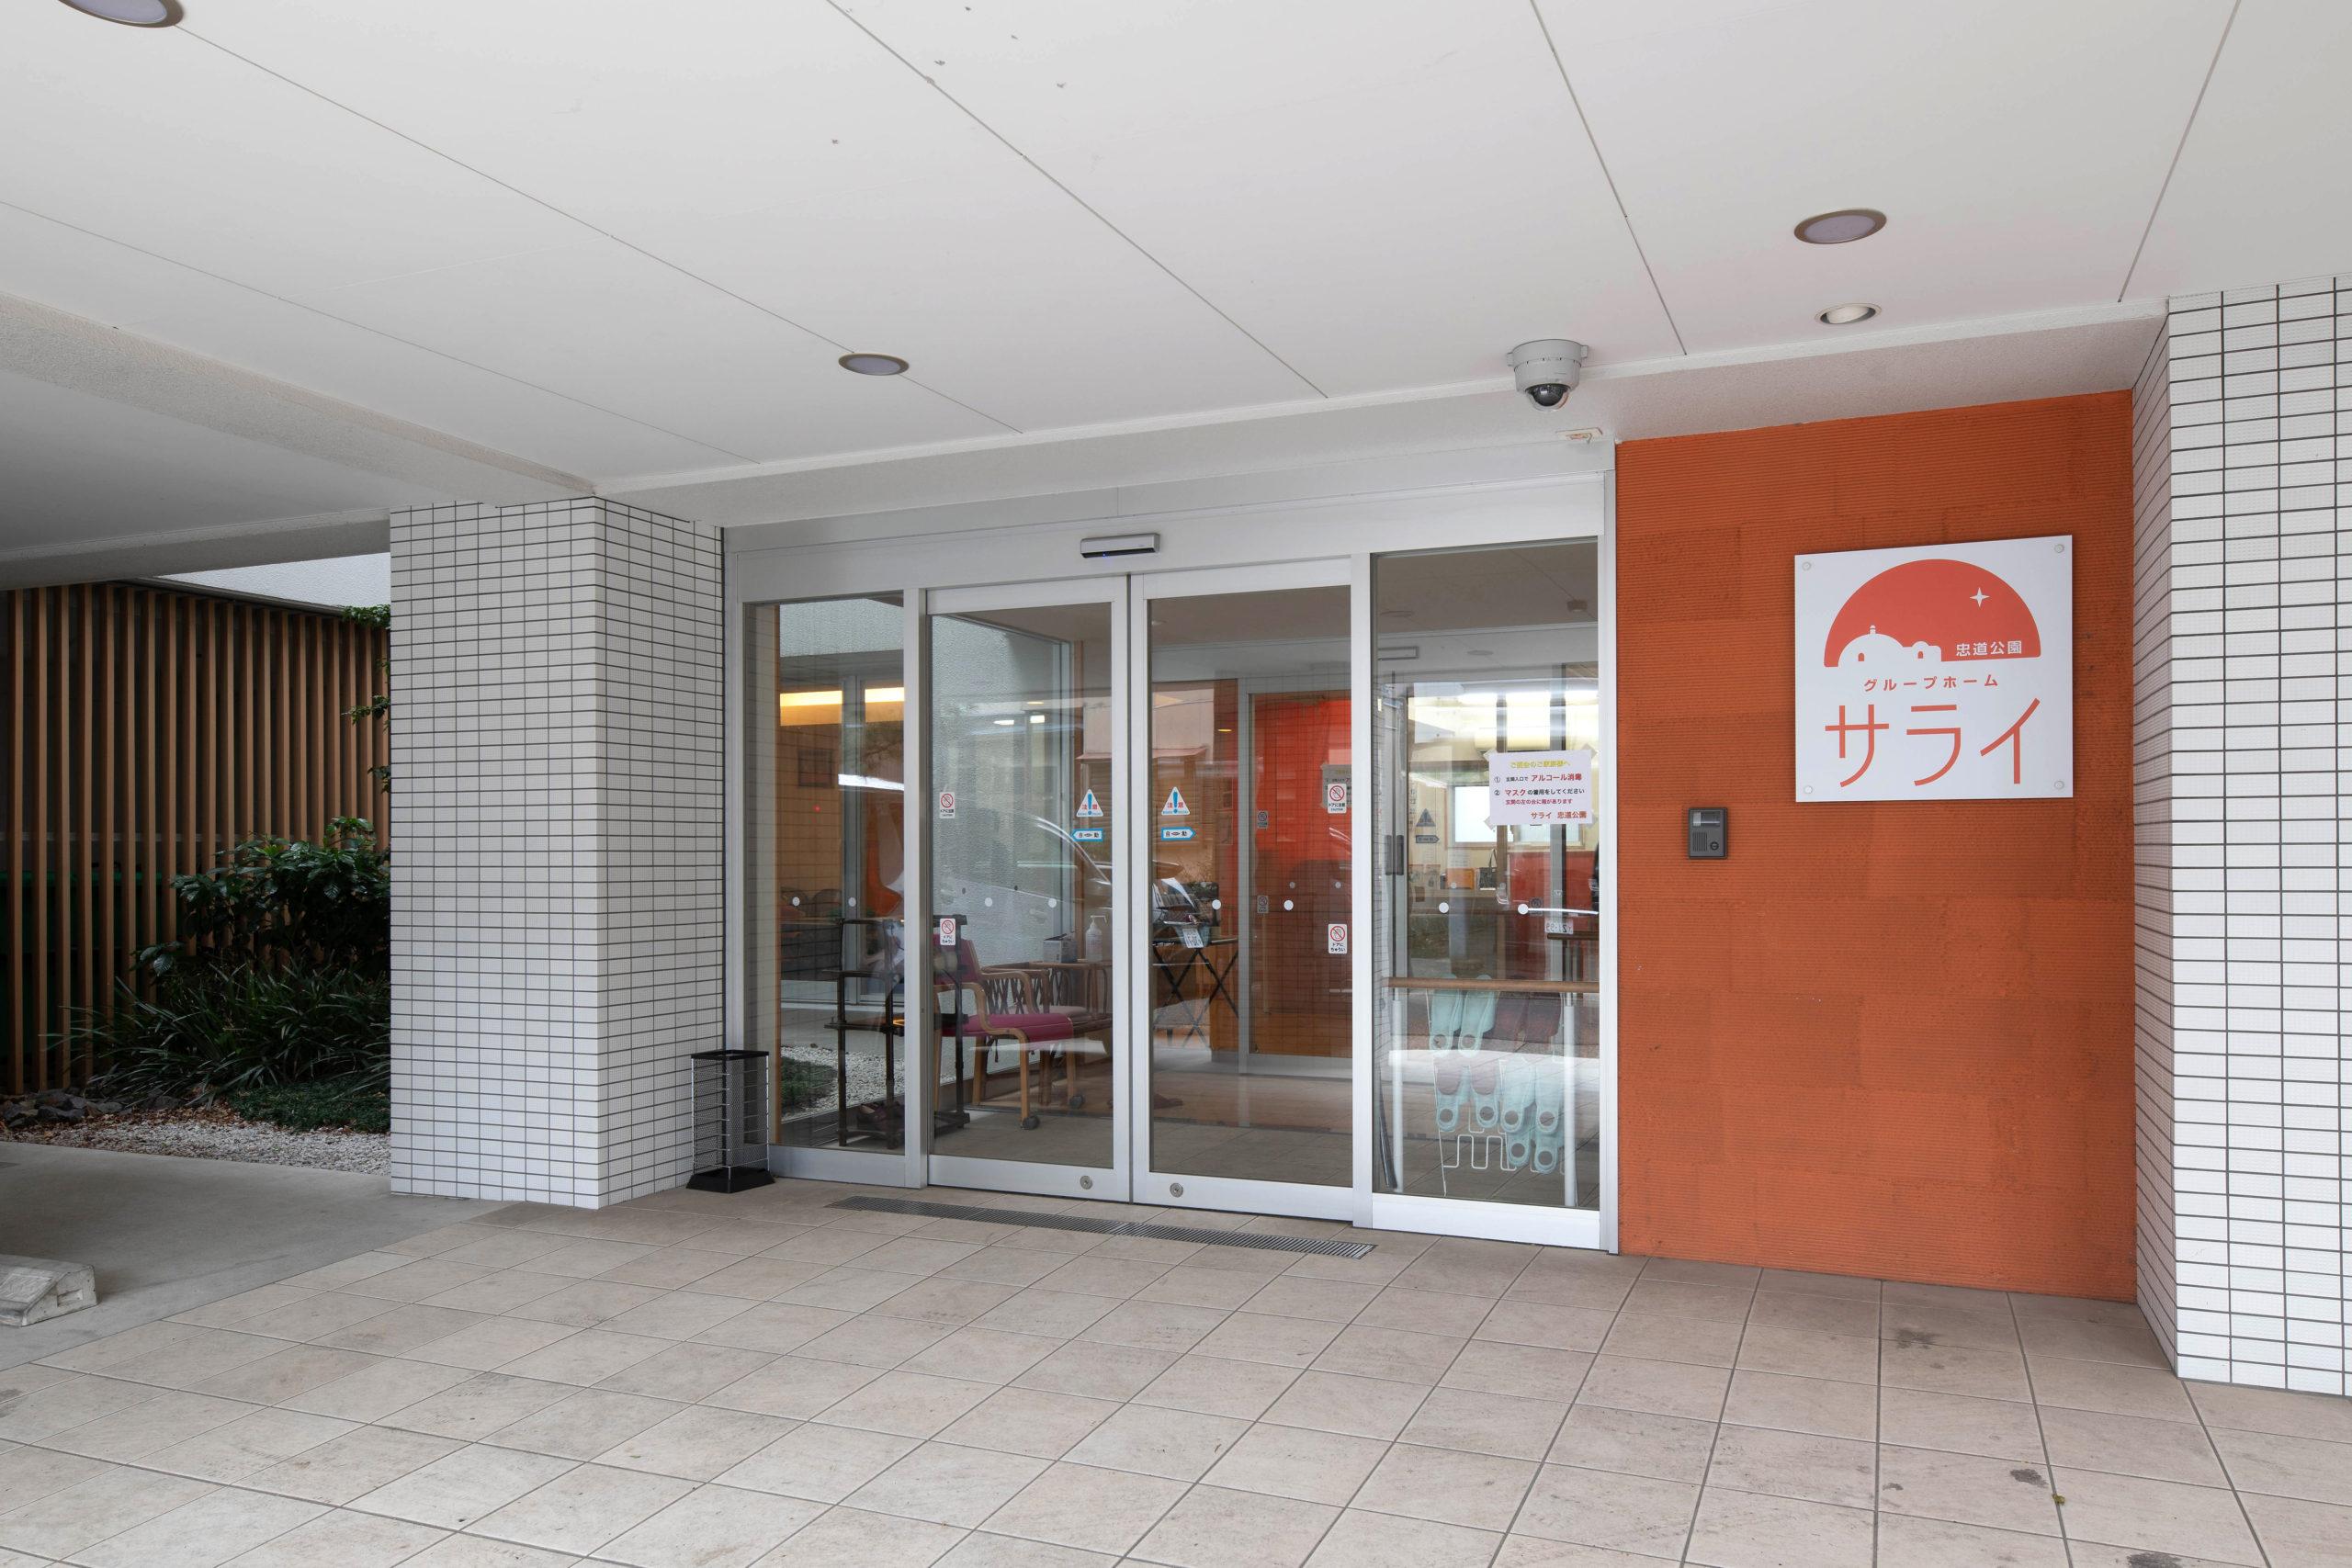 グループホーム サライ忠道公園